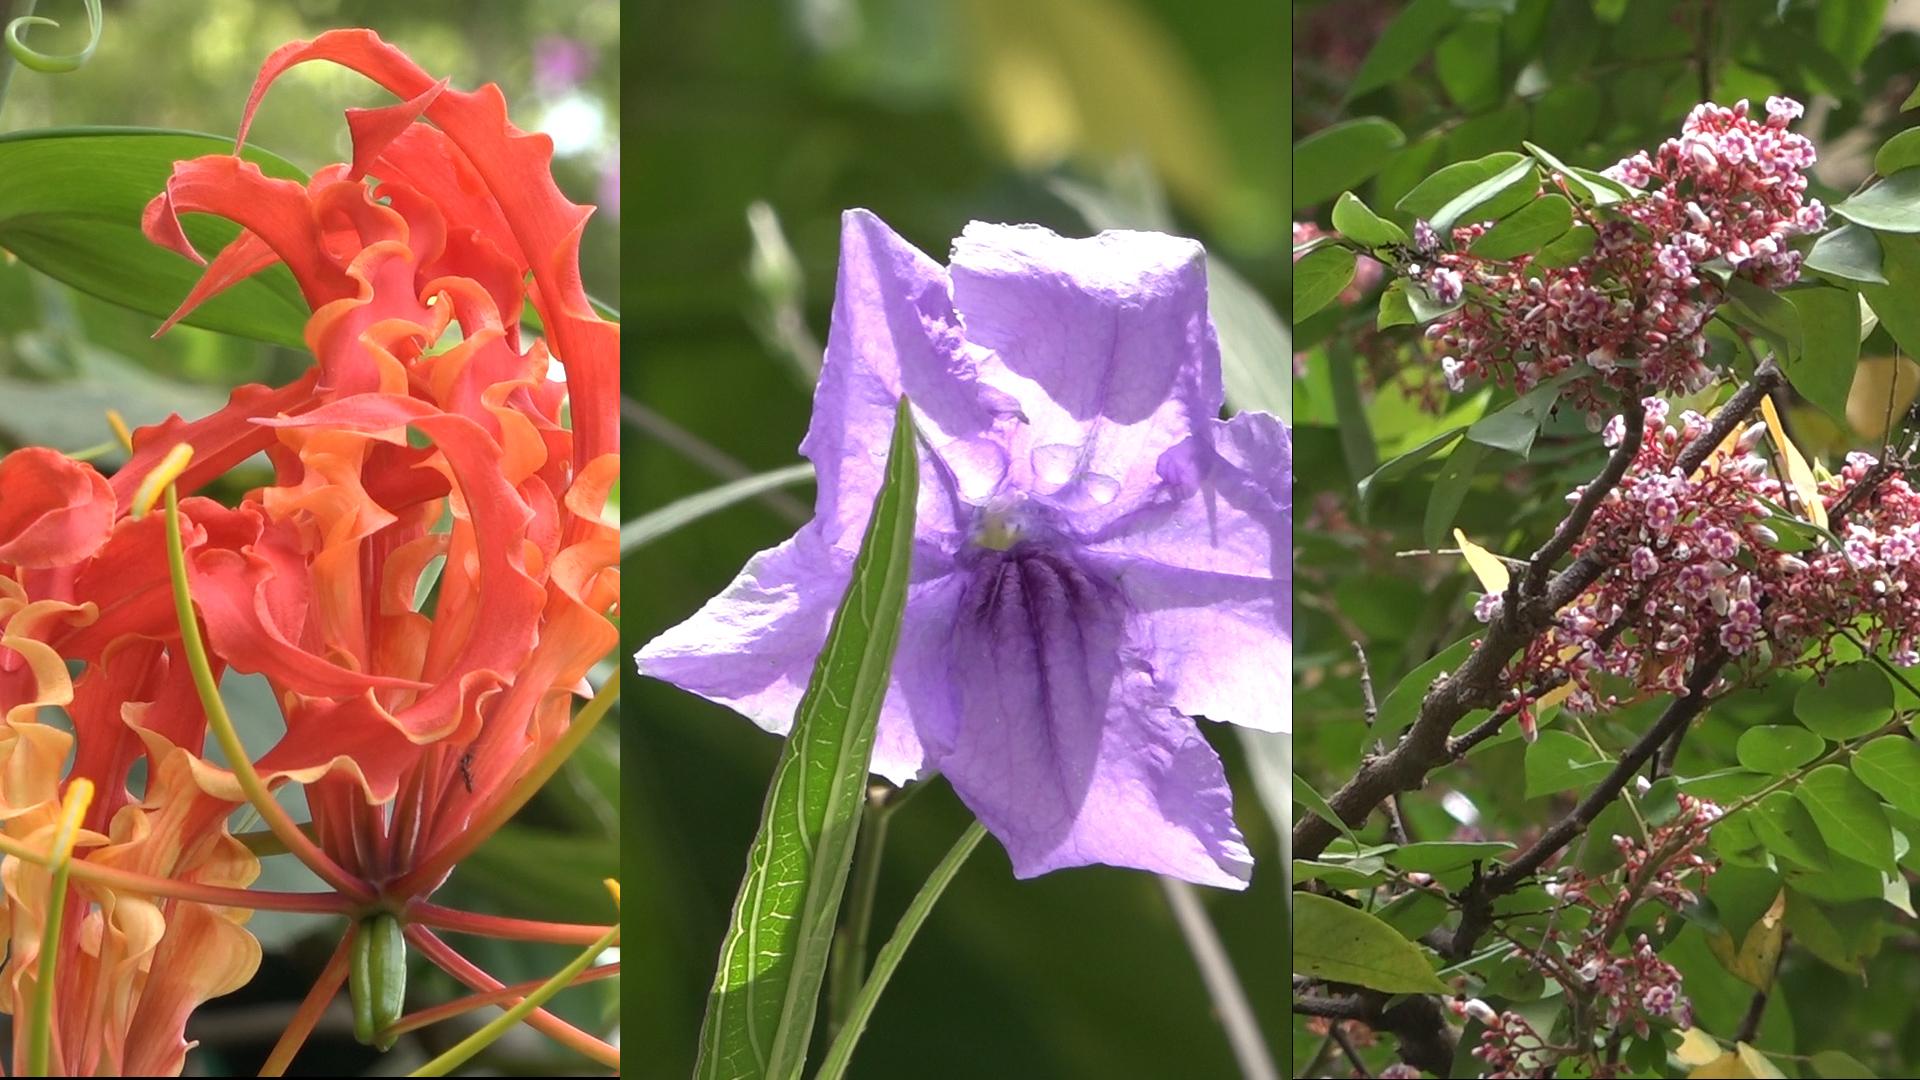 動植物公園9月開花植物:嘉蘭、蘭花草、楊桃